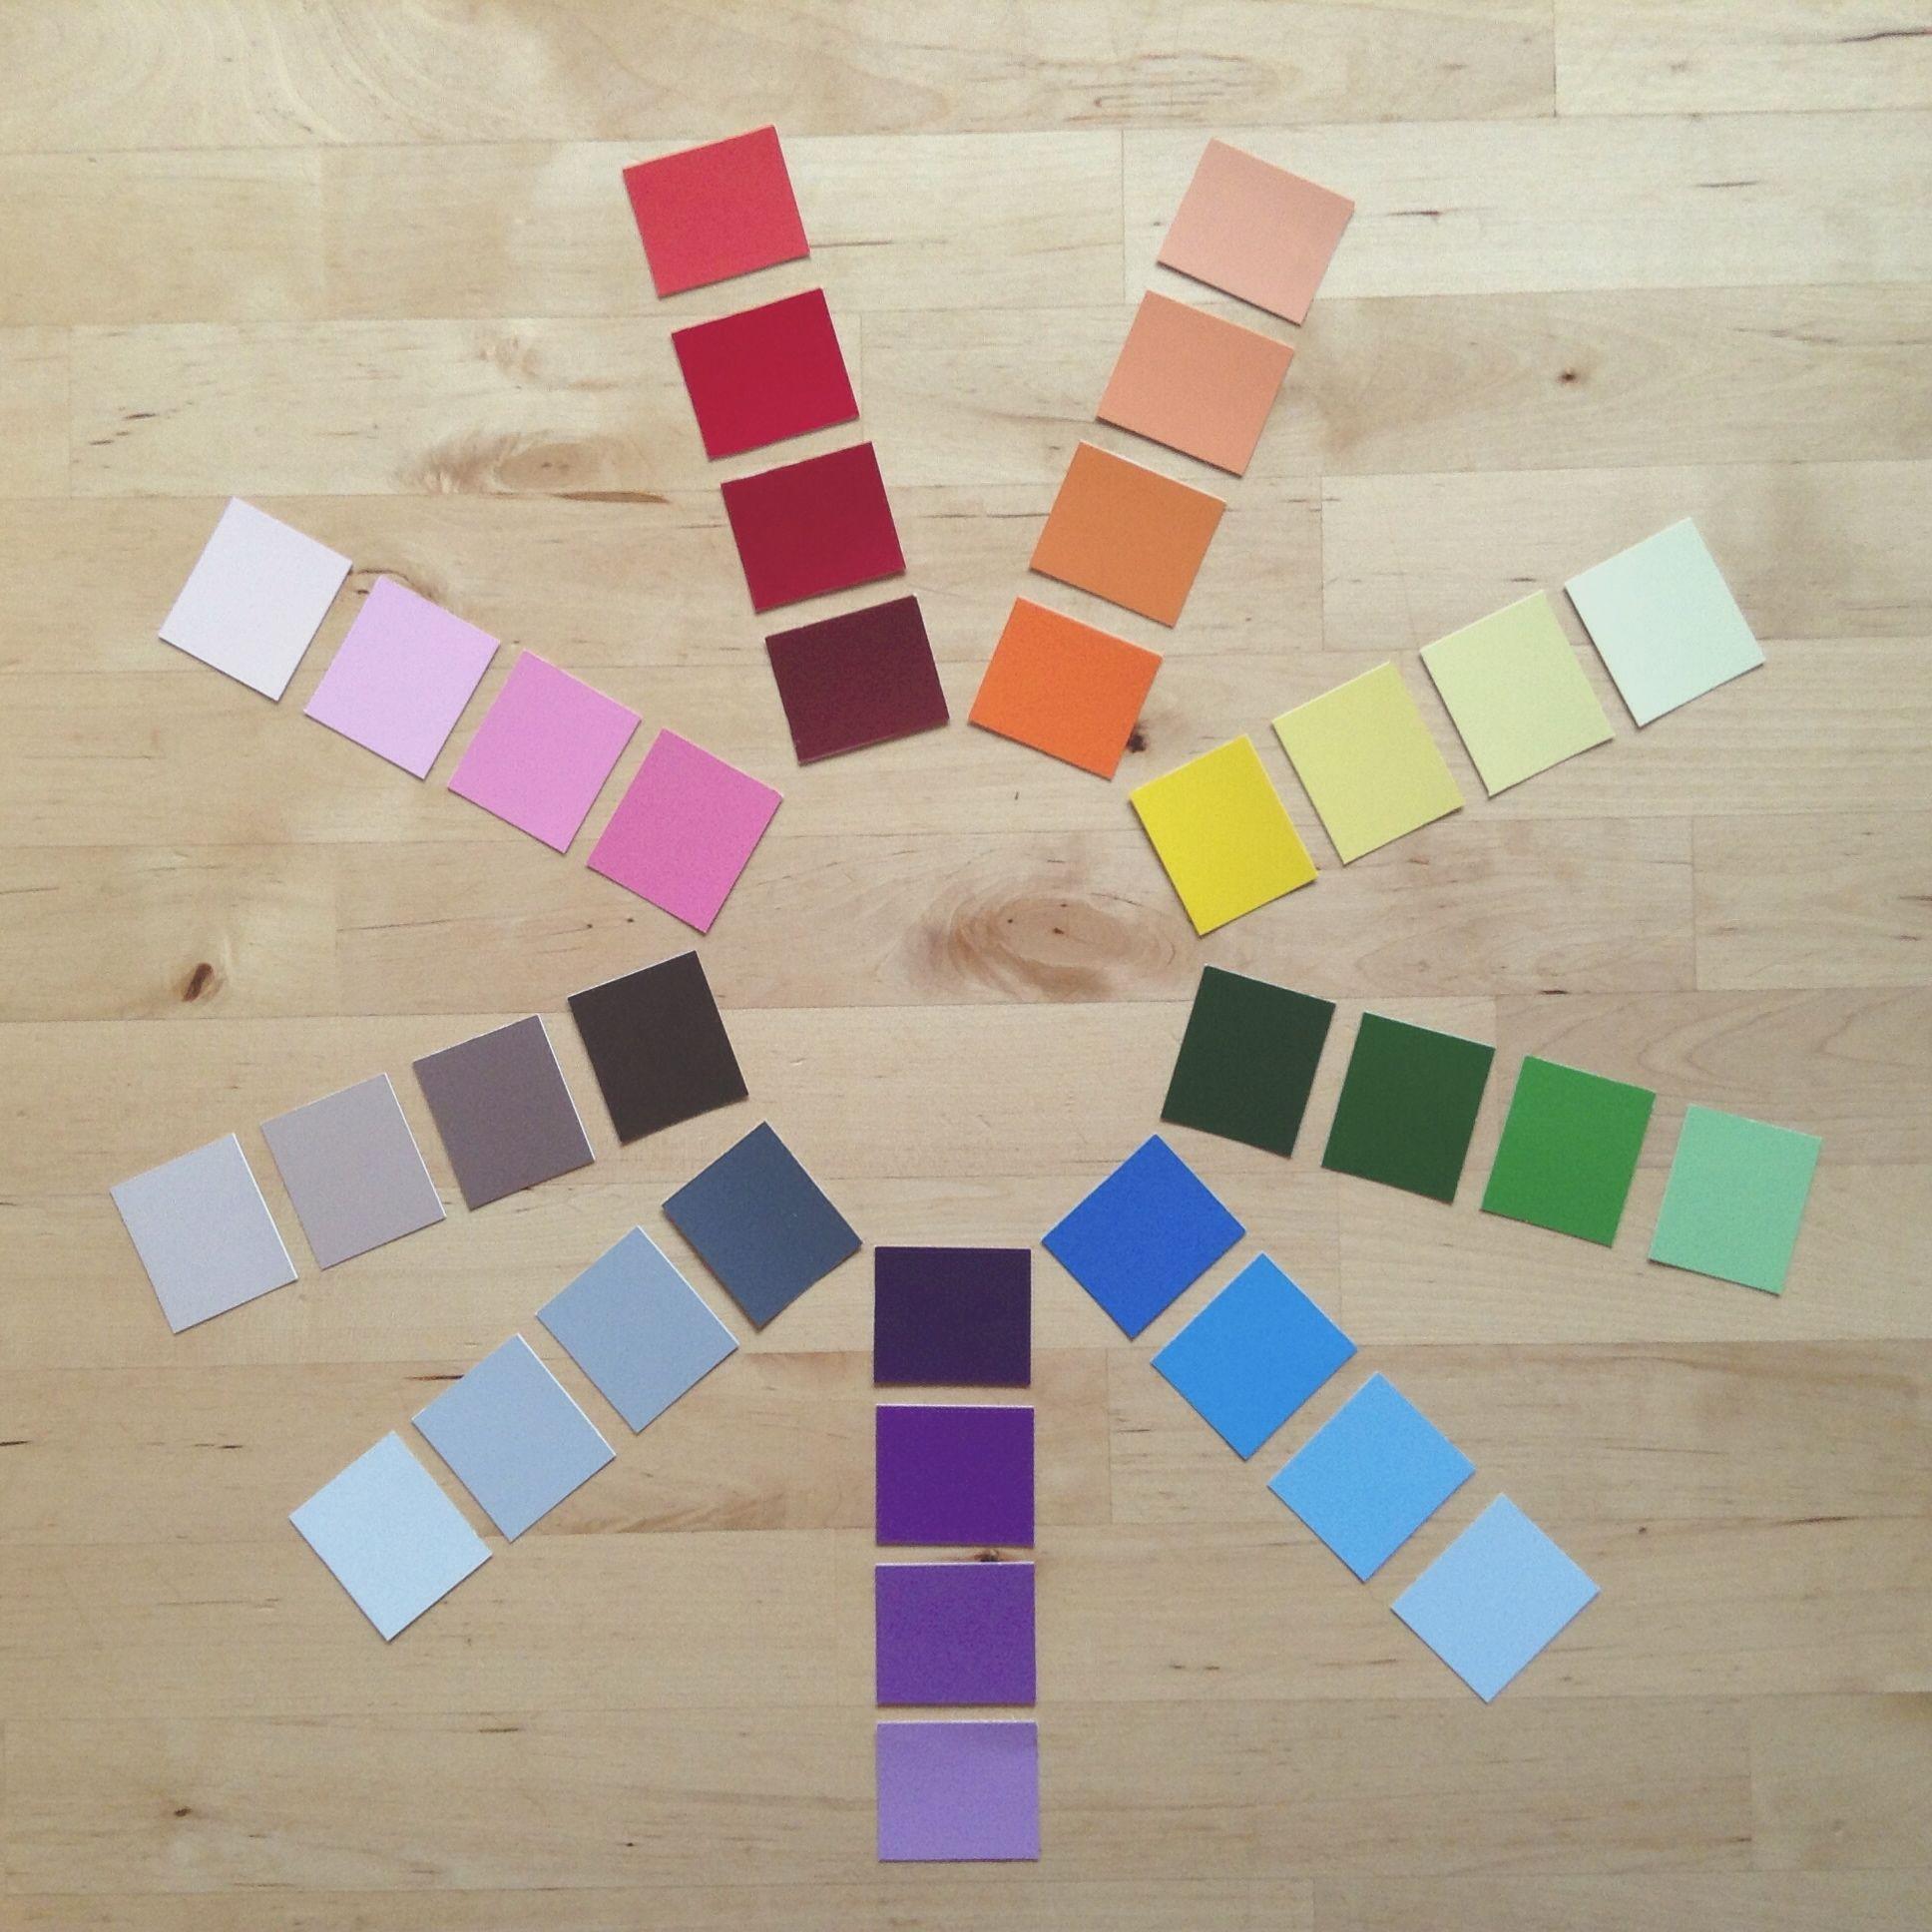 les nuances de couleurs fabriquer avec des cartons d. Black Bedroom Furniture Sets. Home Design Ideas